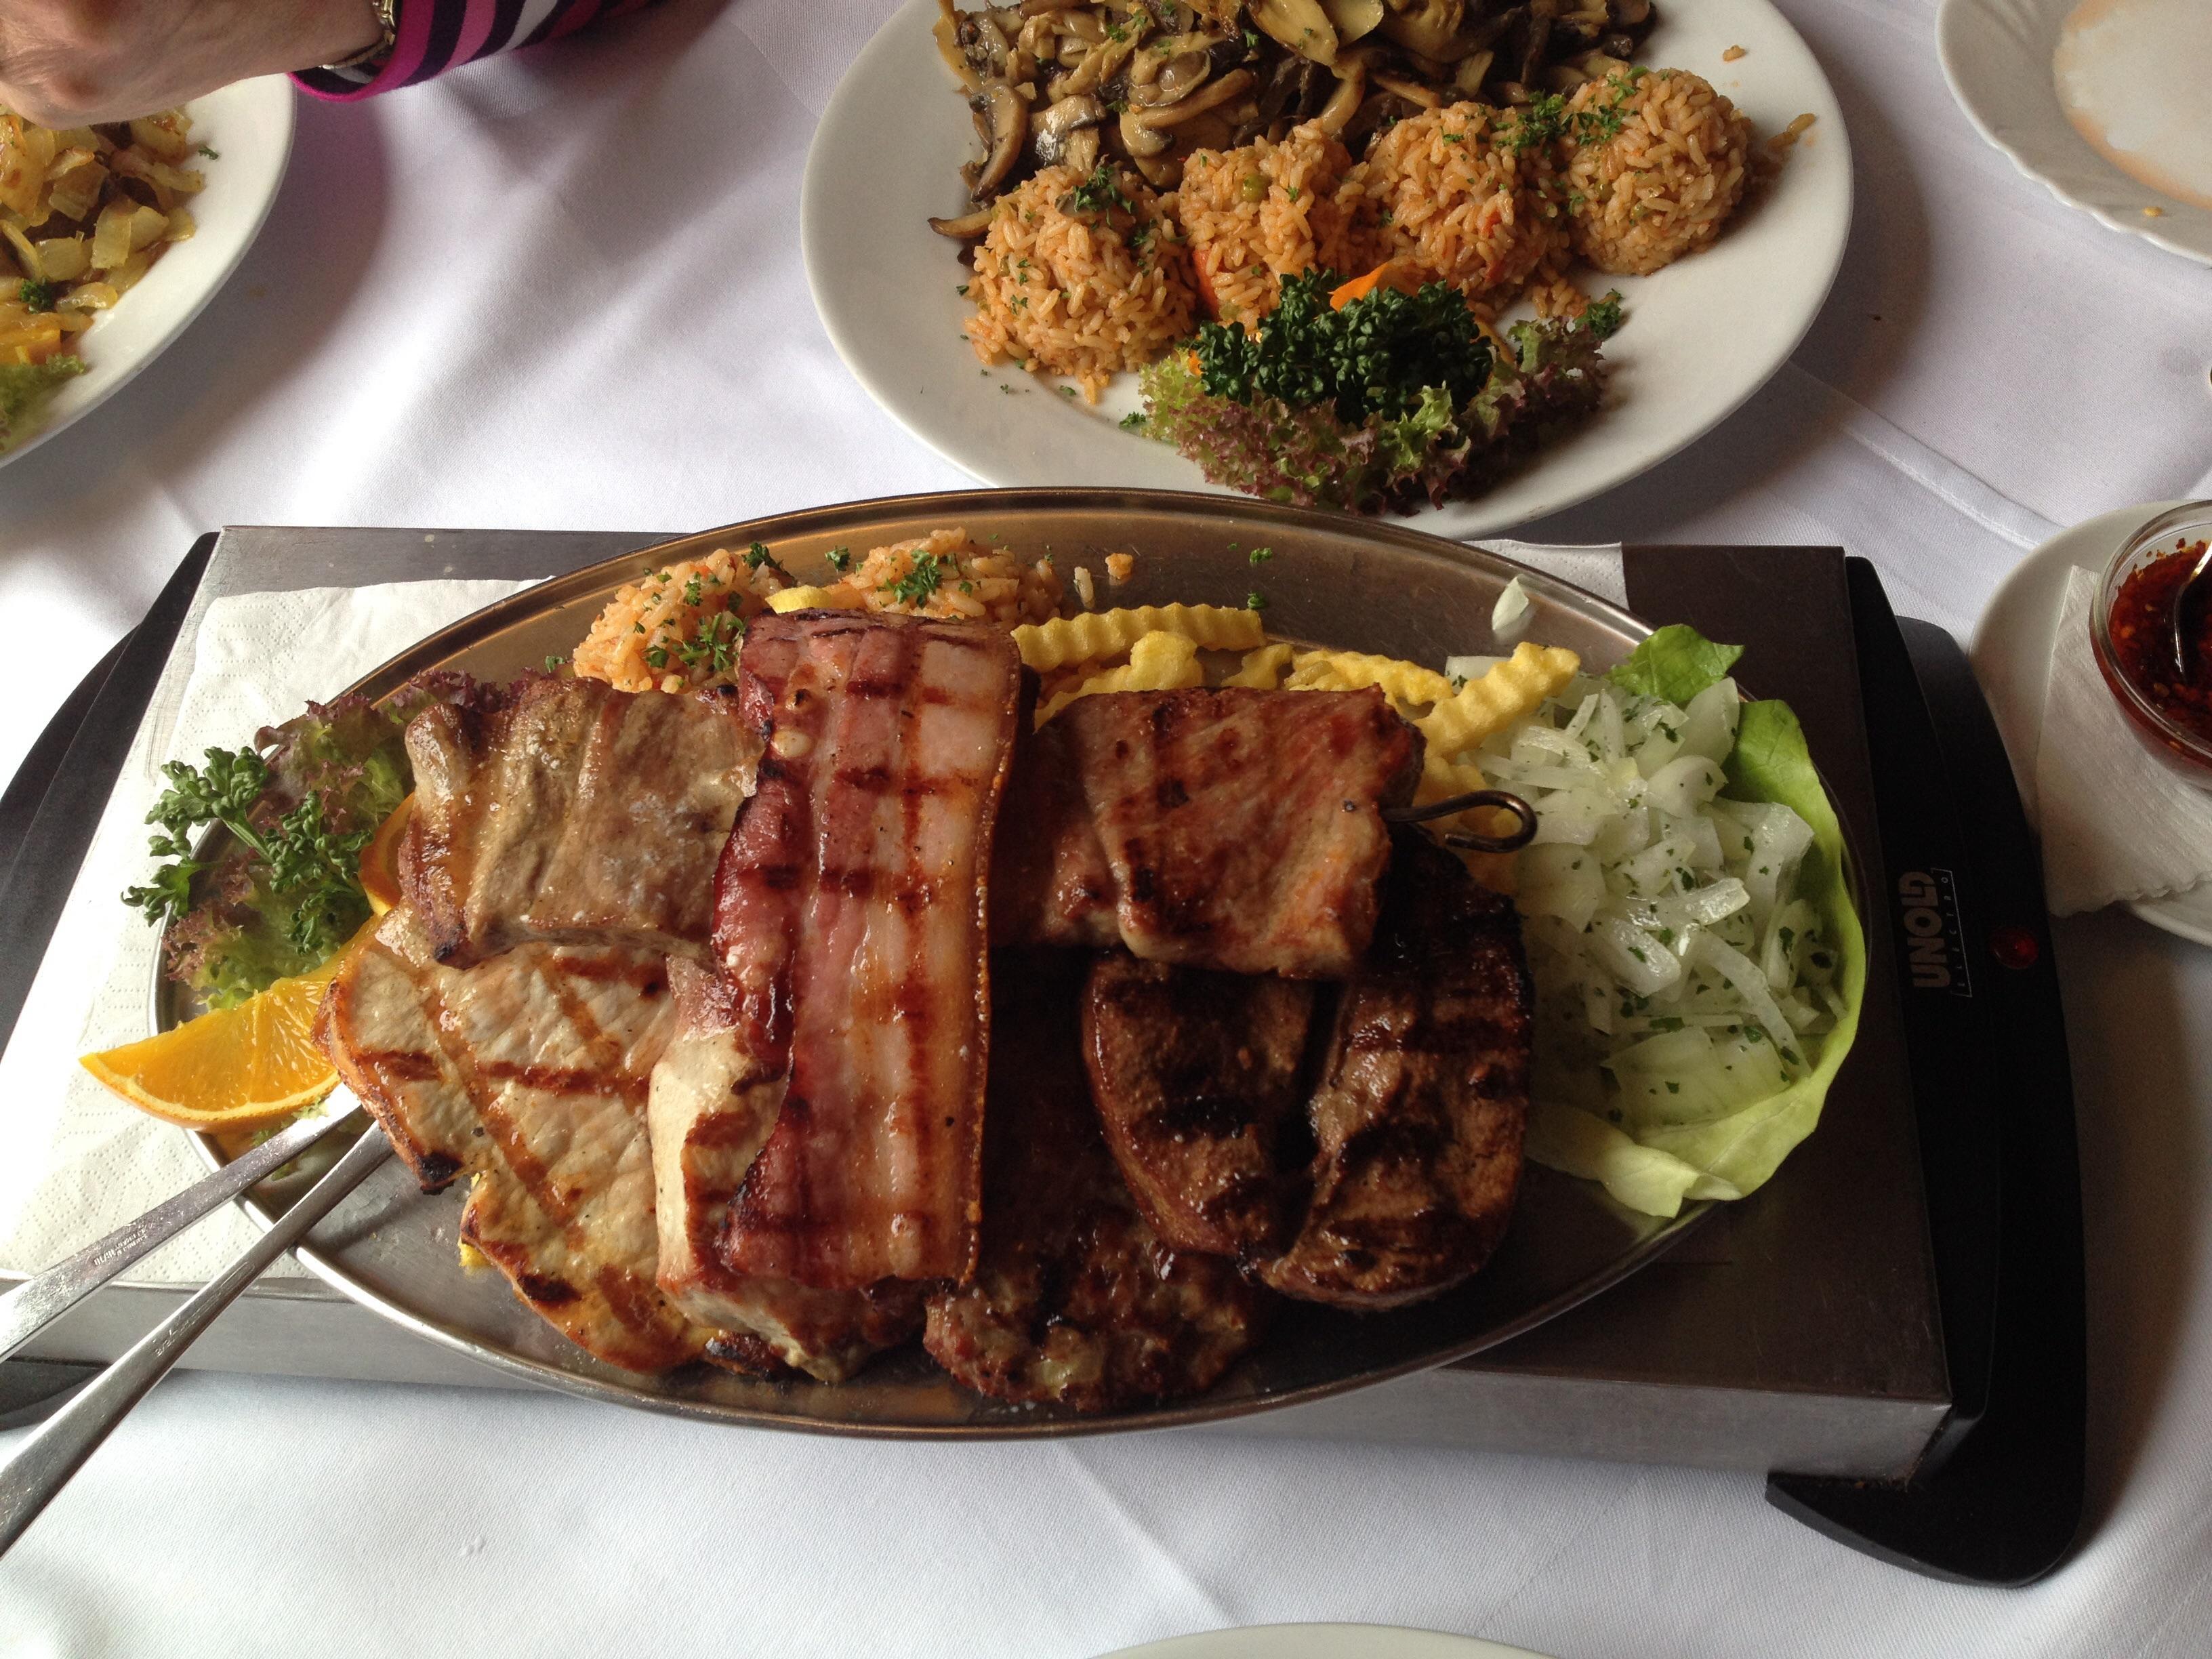 http://foodloader.net/BrollyLSSJ_2015-03-29_Balkan_Grill_-_Spezial_Teller.jpg